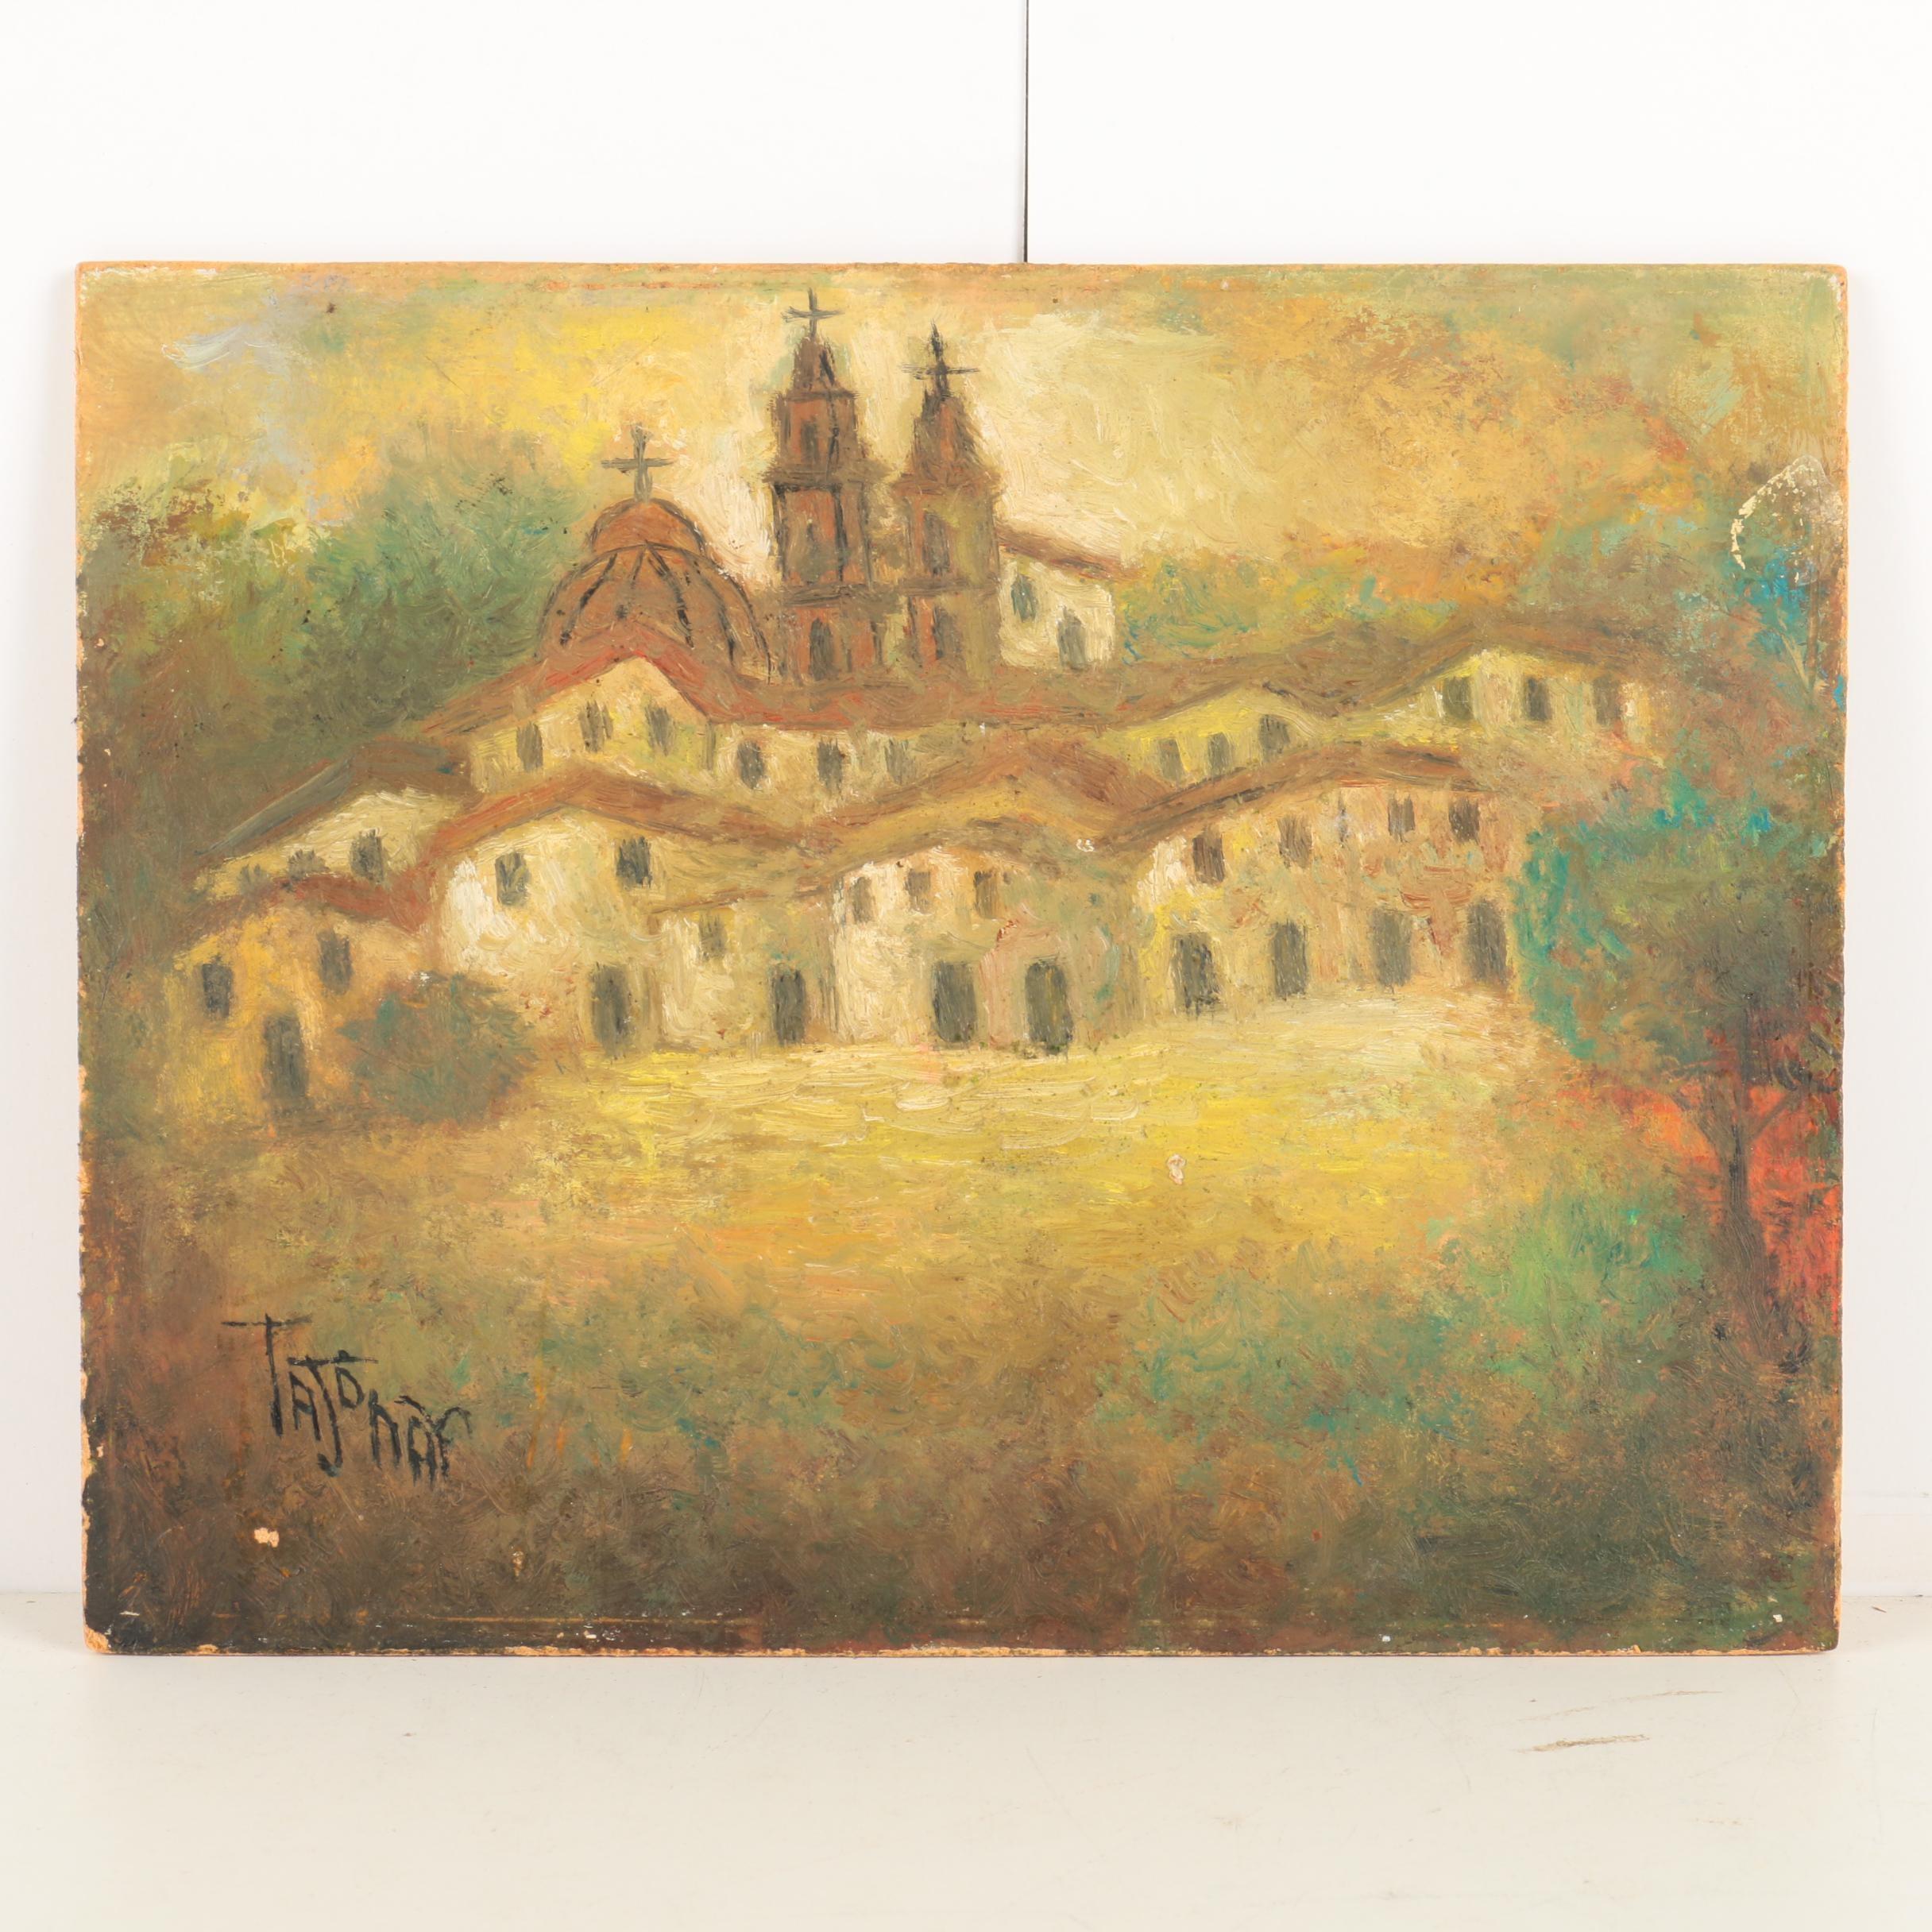 Tajonar Oil Painting on Wooden Panel